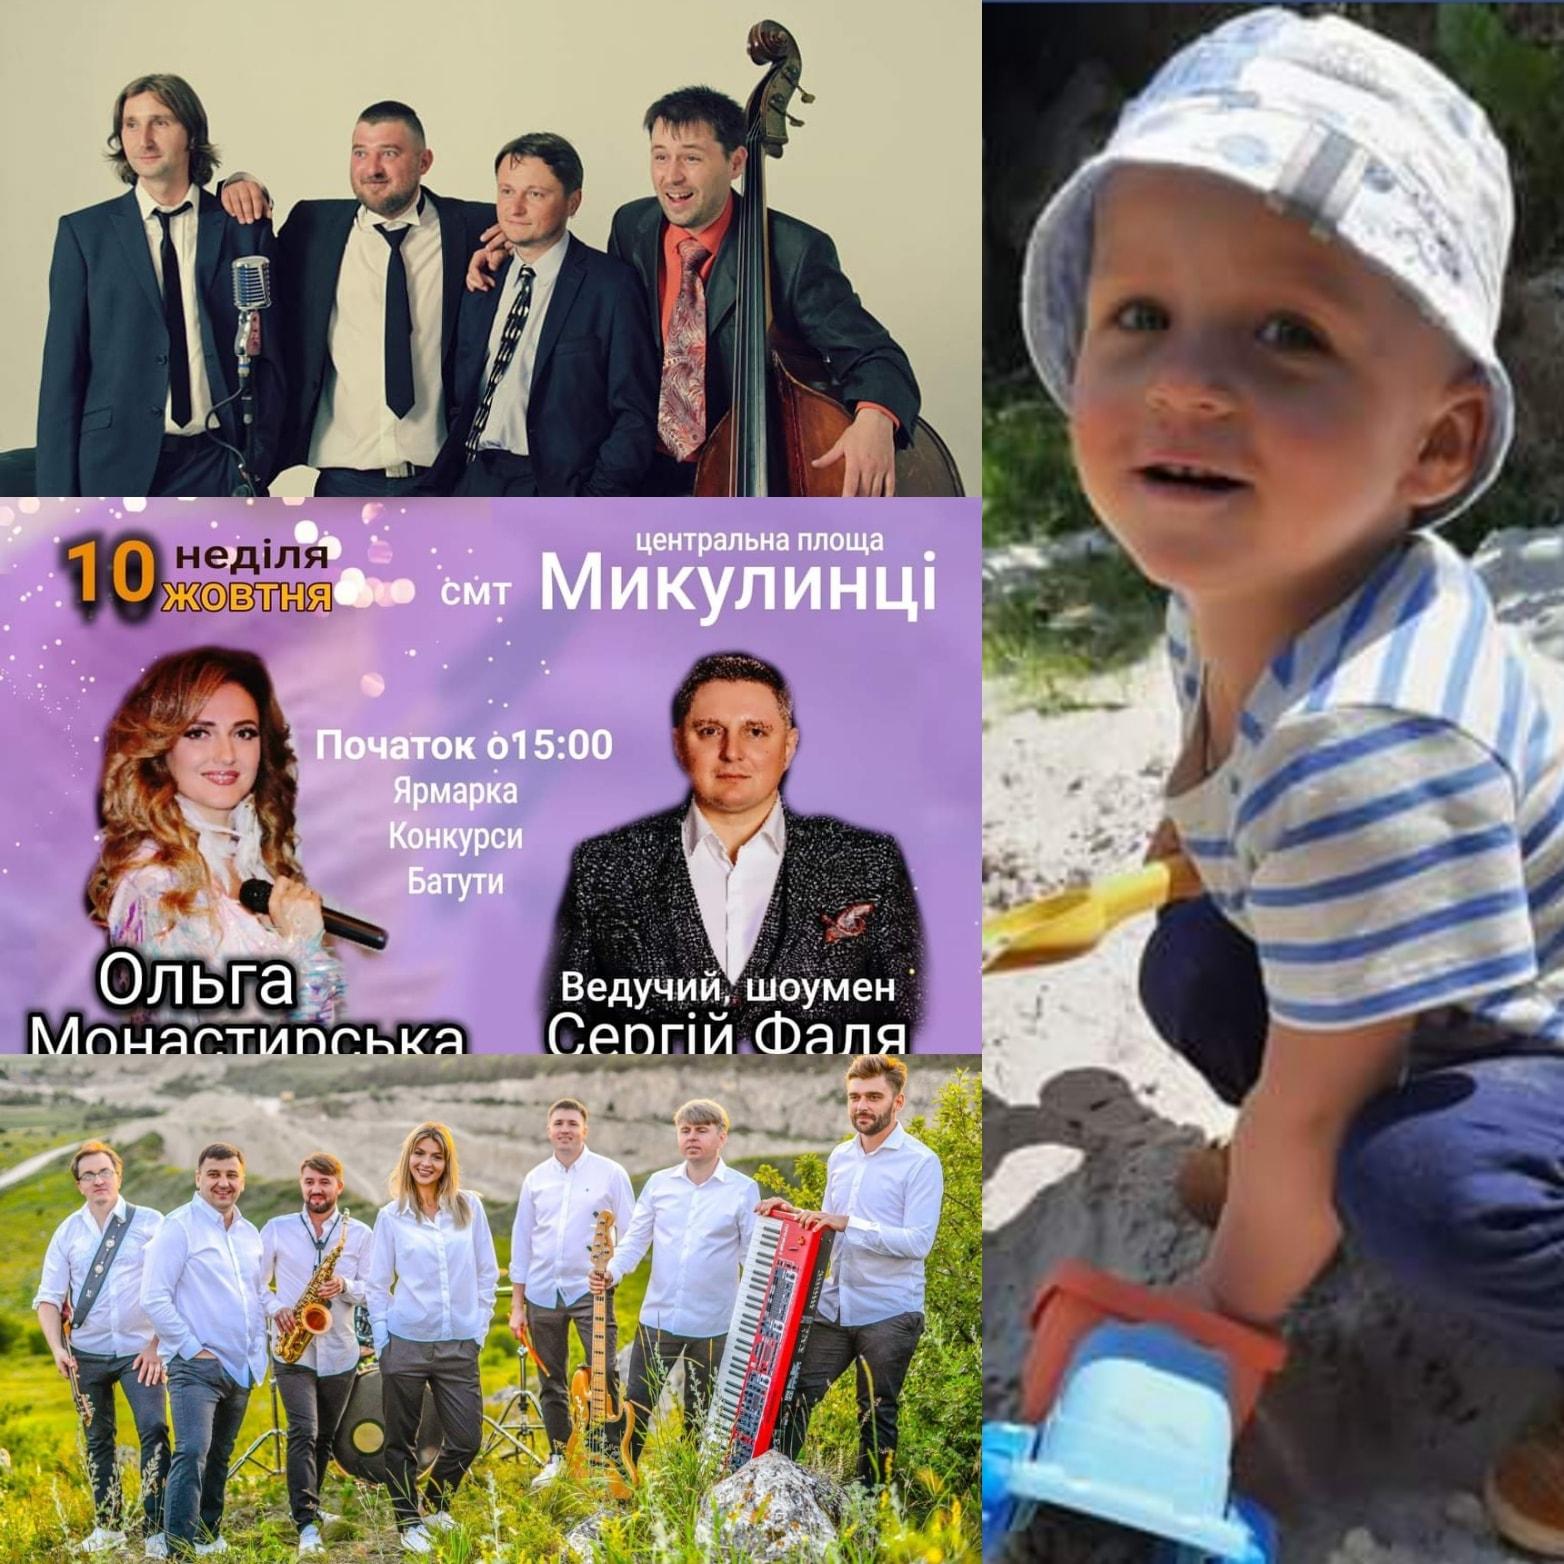 Дитина бореться з пухлиною головного мозку: у Тернополі організовують благодійний концерт для збору коштів